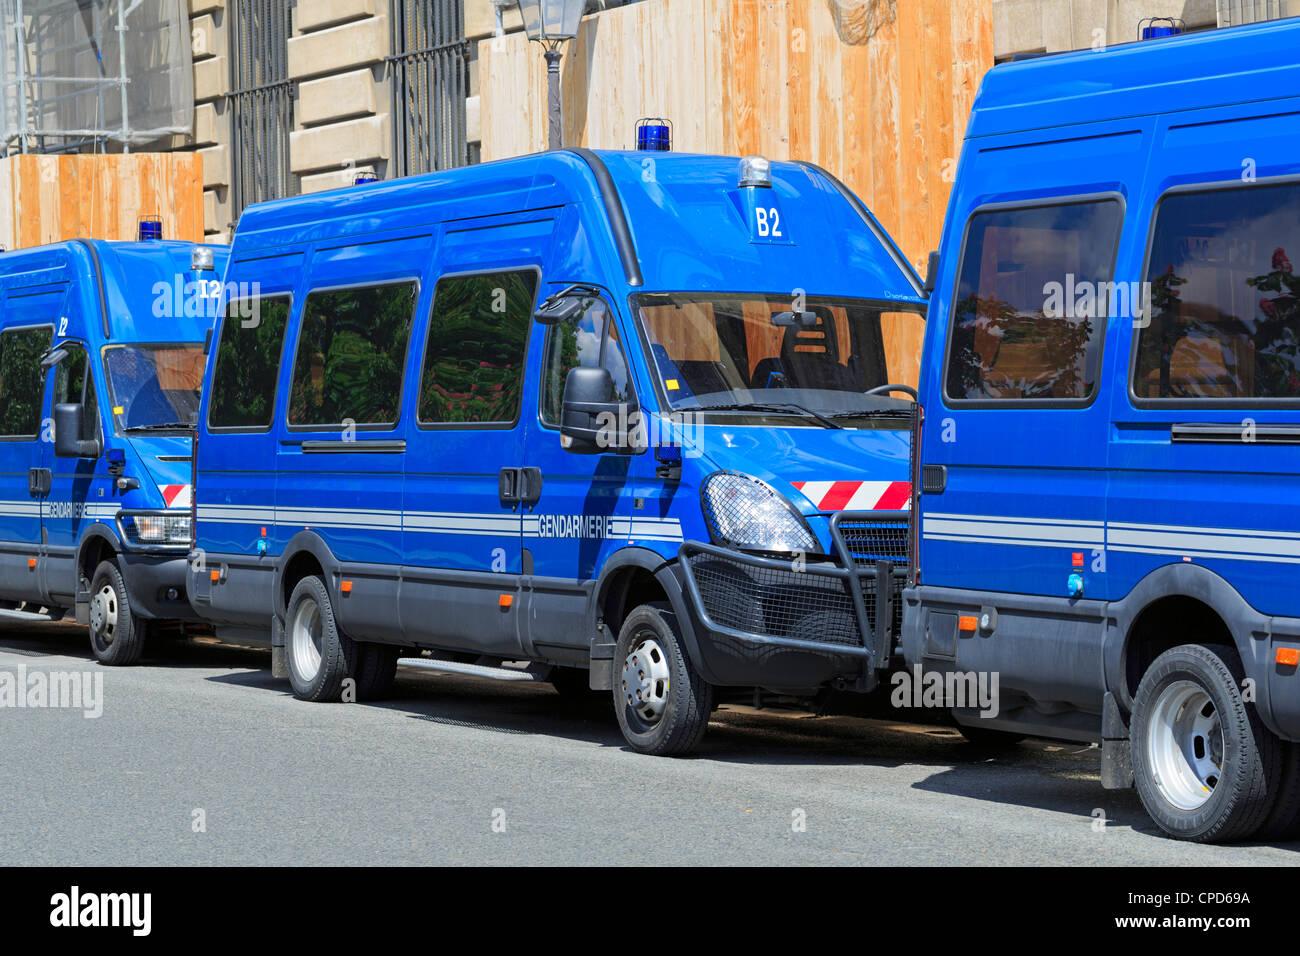 Gendarmerie vans parked on the Ile de la Cite, Paris - Stock Image